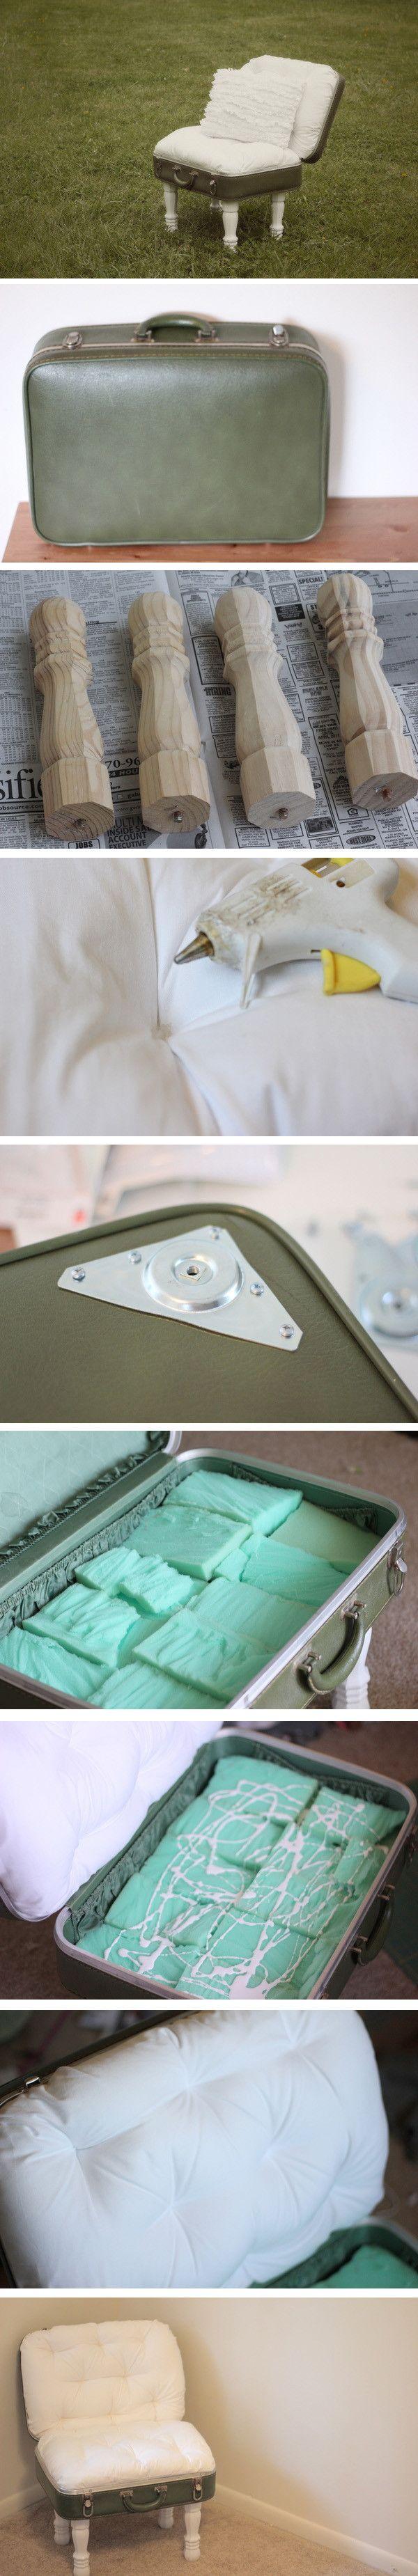 DIY Vintage Suitcase chair | DIY Creative Ideas